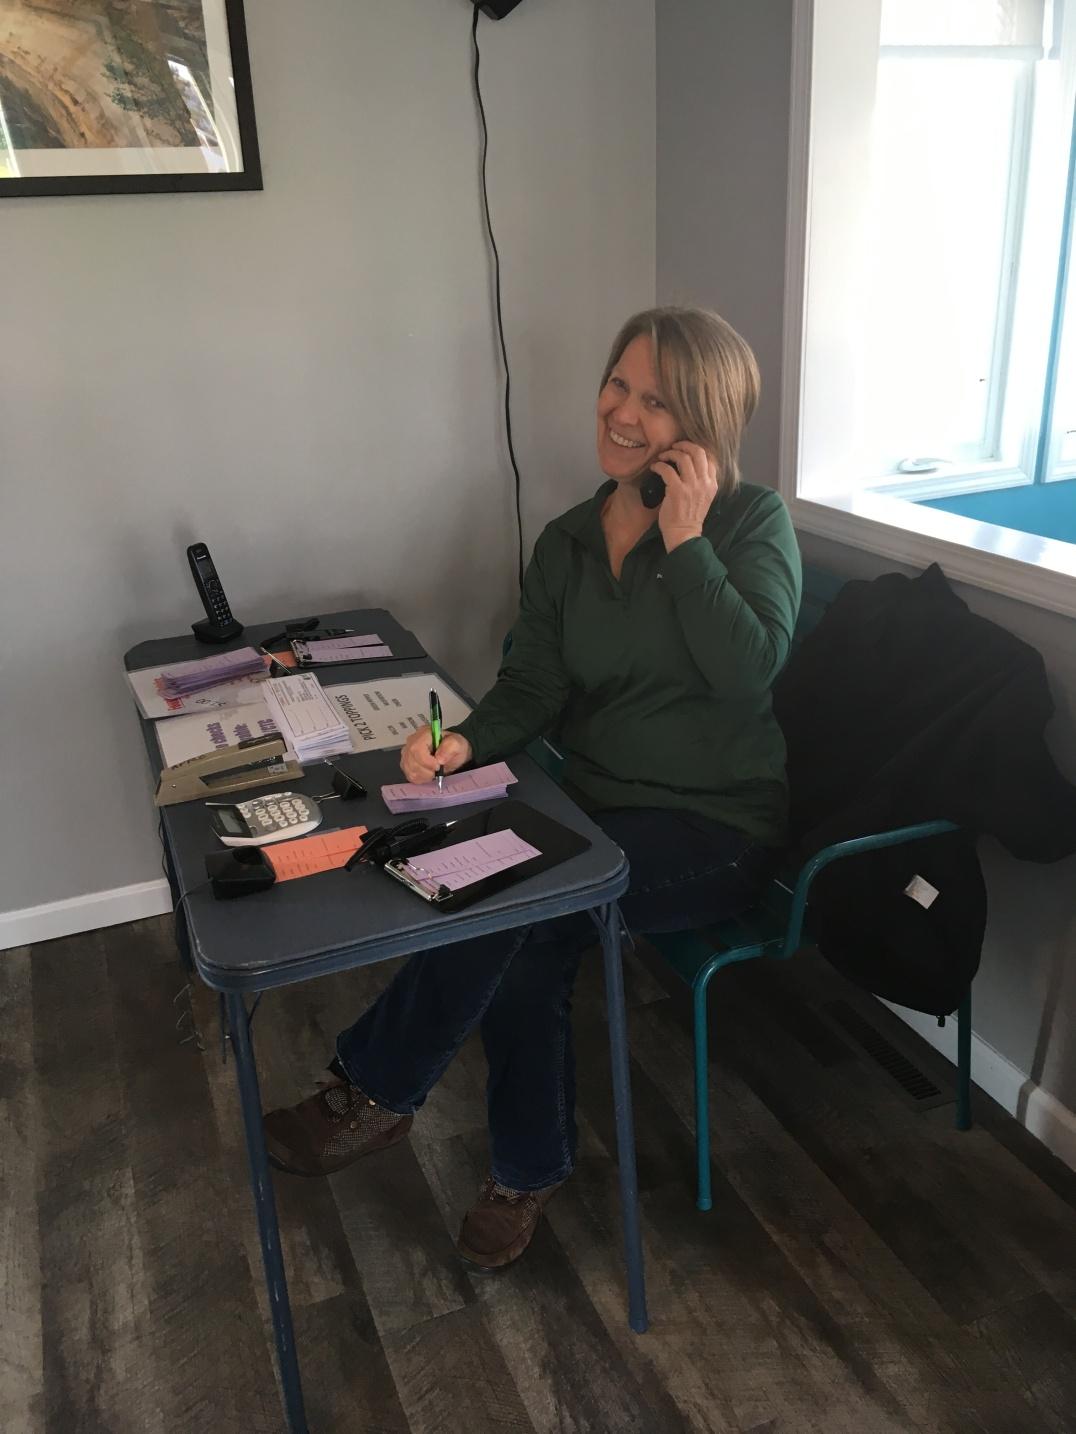 Smiling volunteers staffed the phone, taking orders